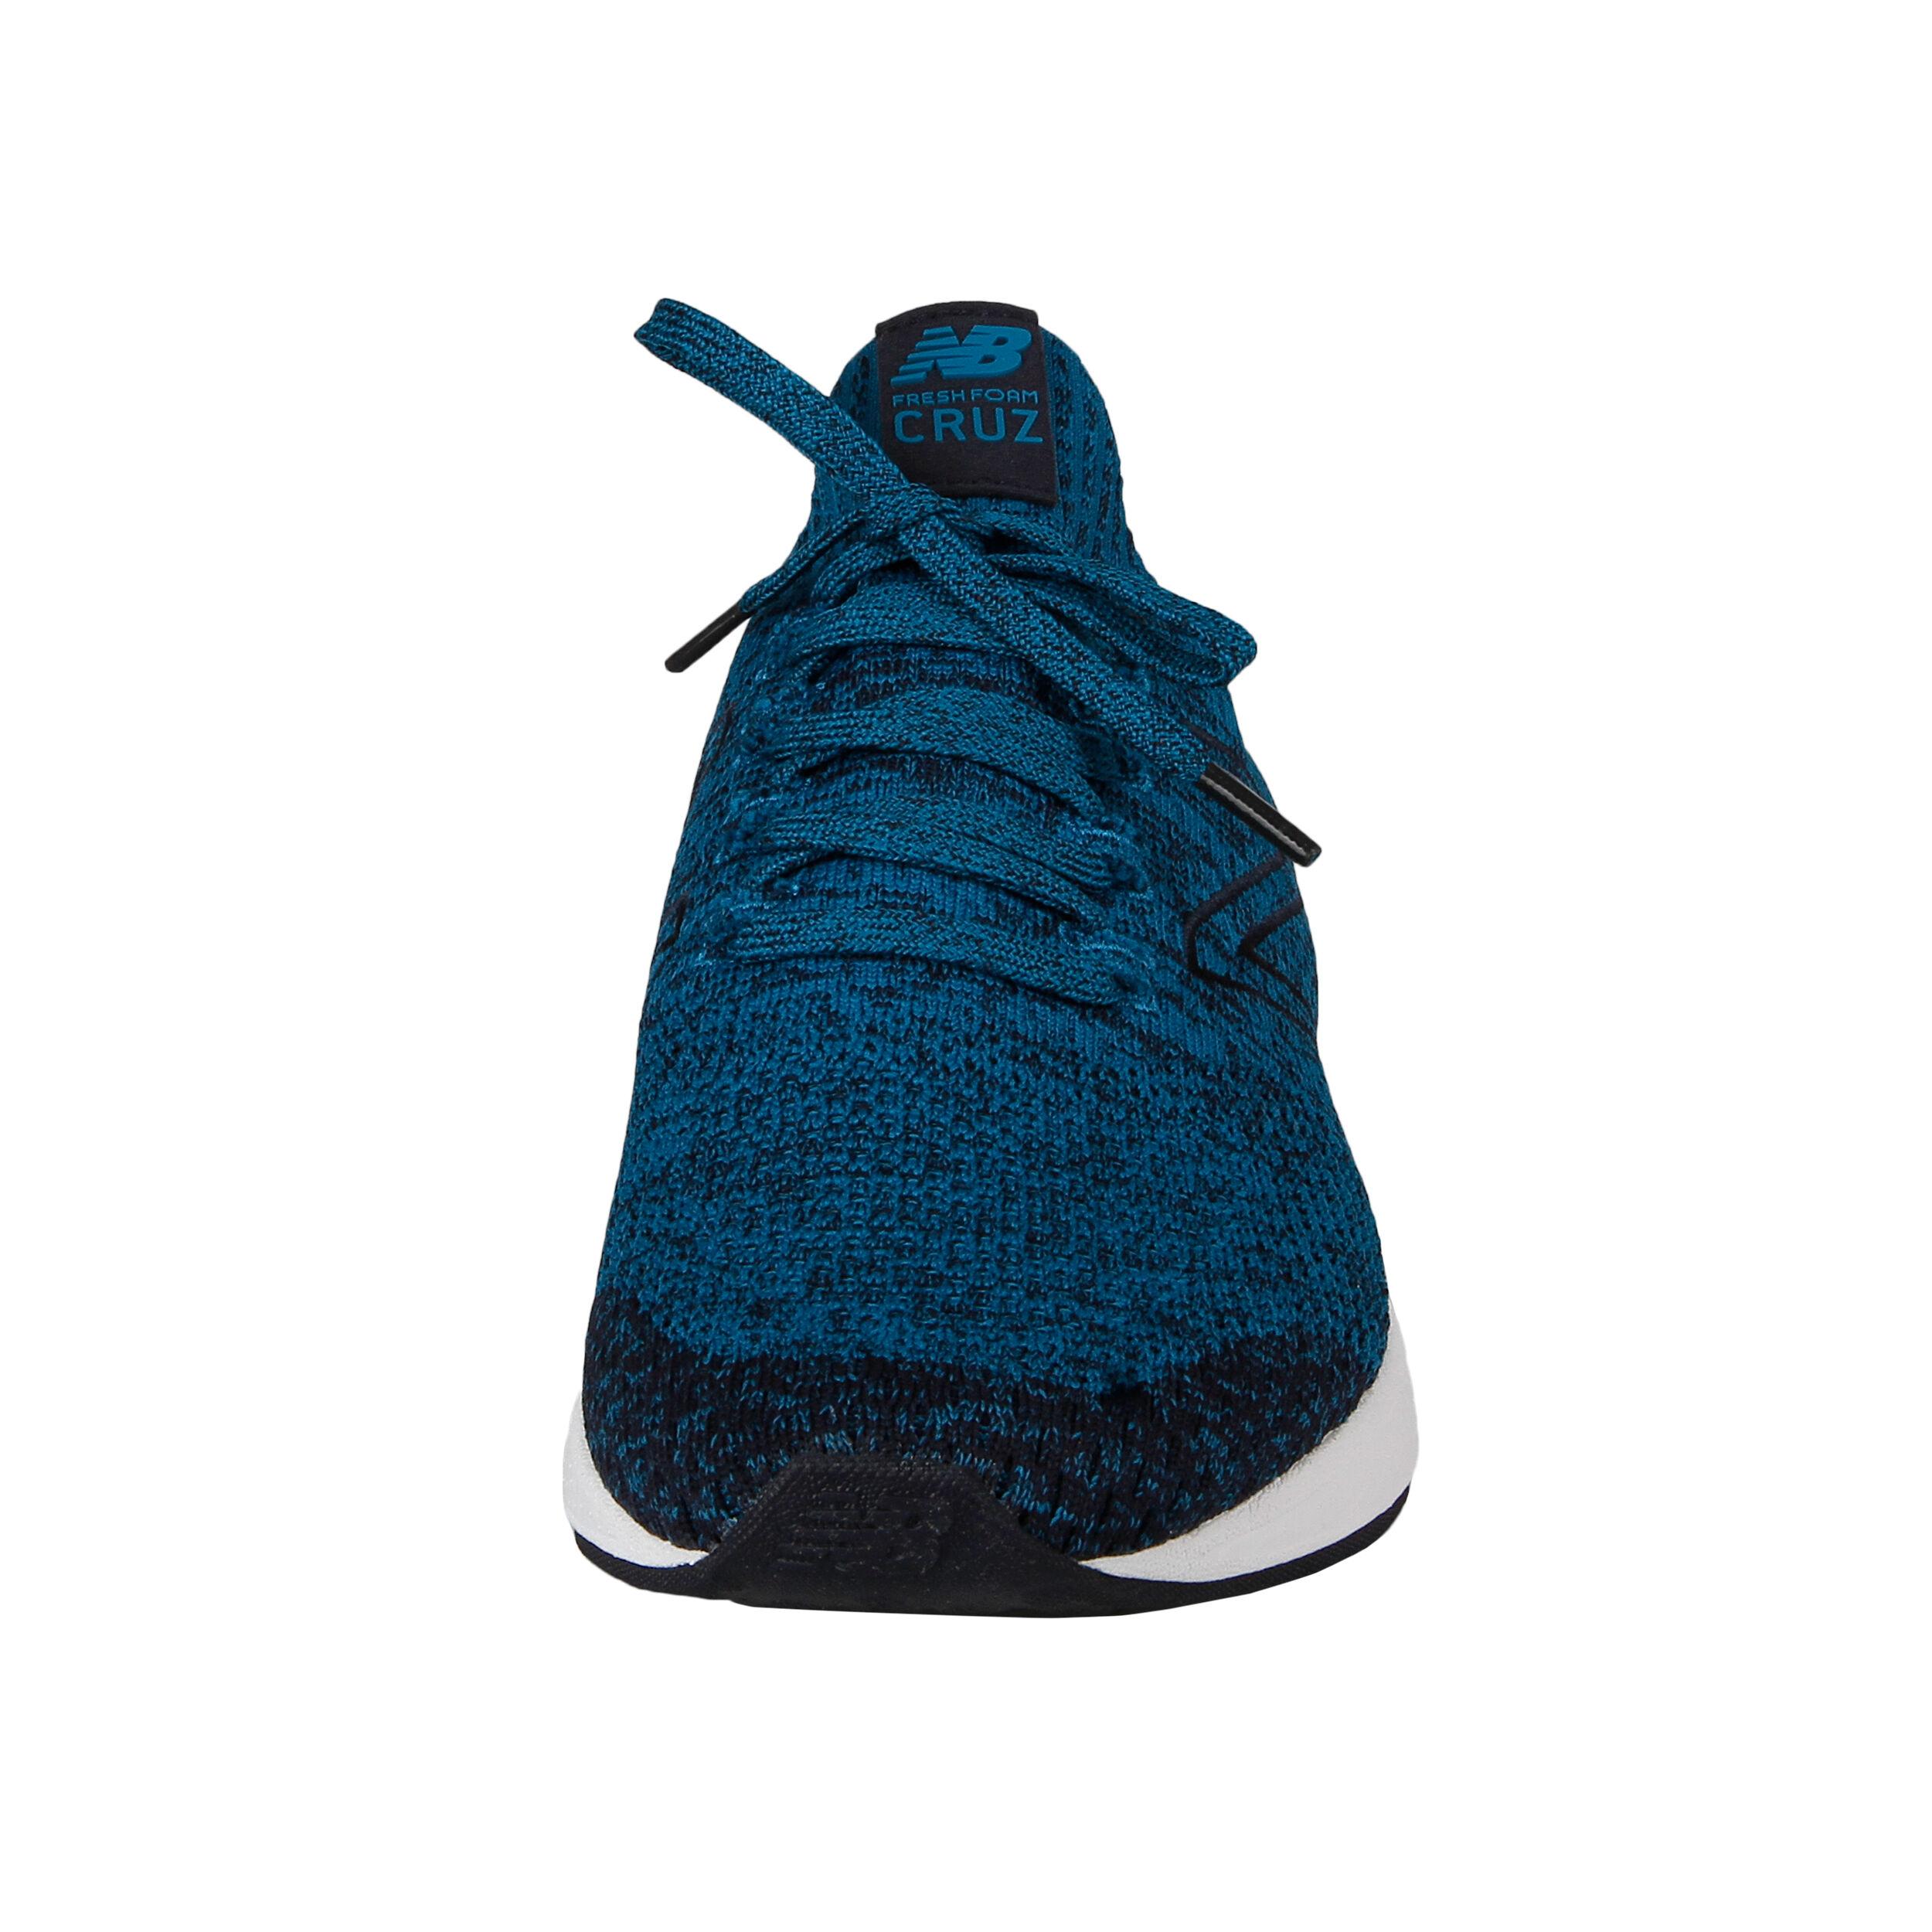 New Balance Cruz Sock Neutralschuh Herren Blau, Dunkelblau